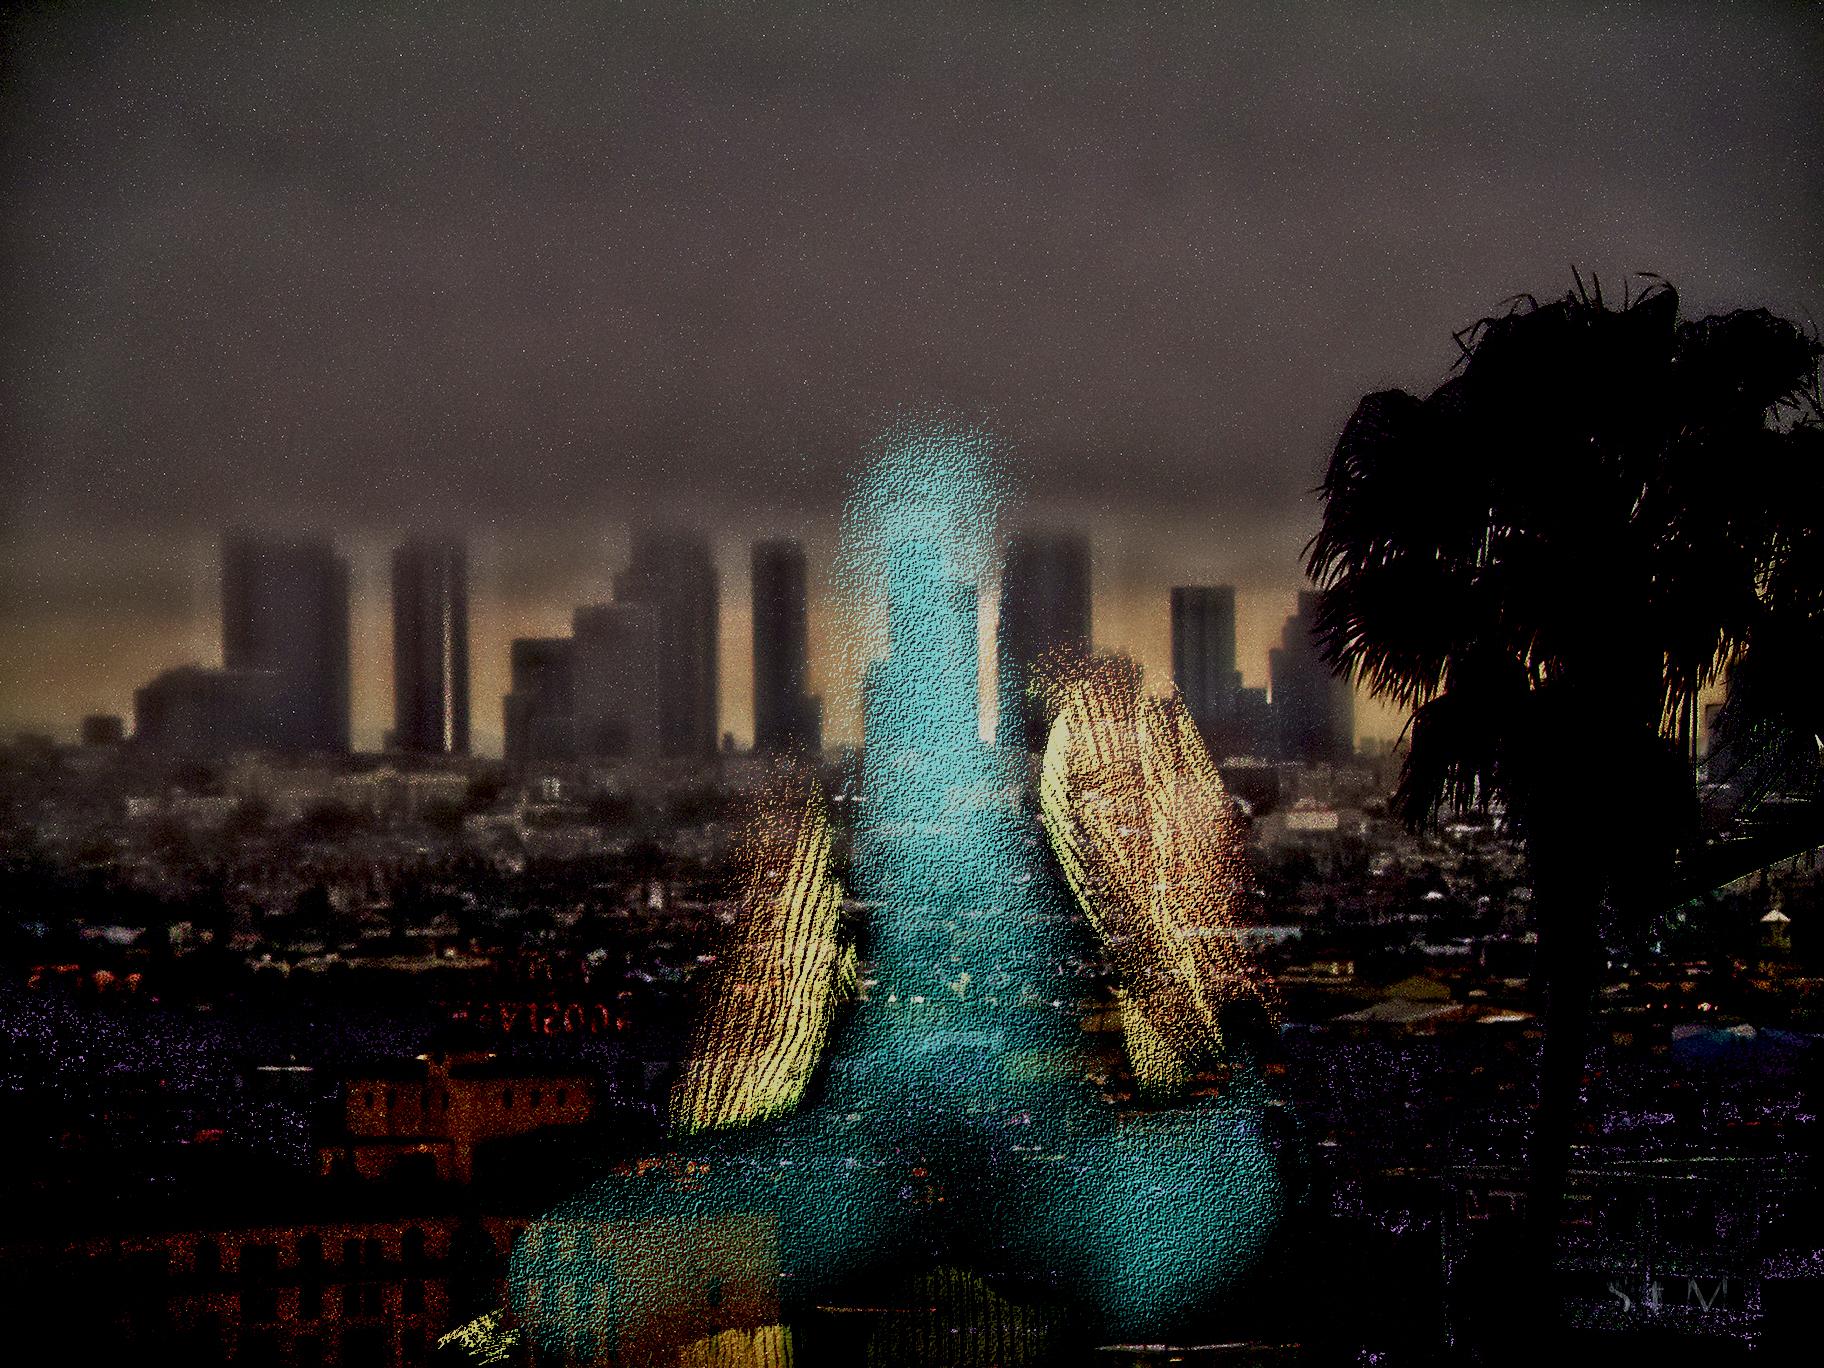 city of angelz ~ til we meet again